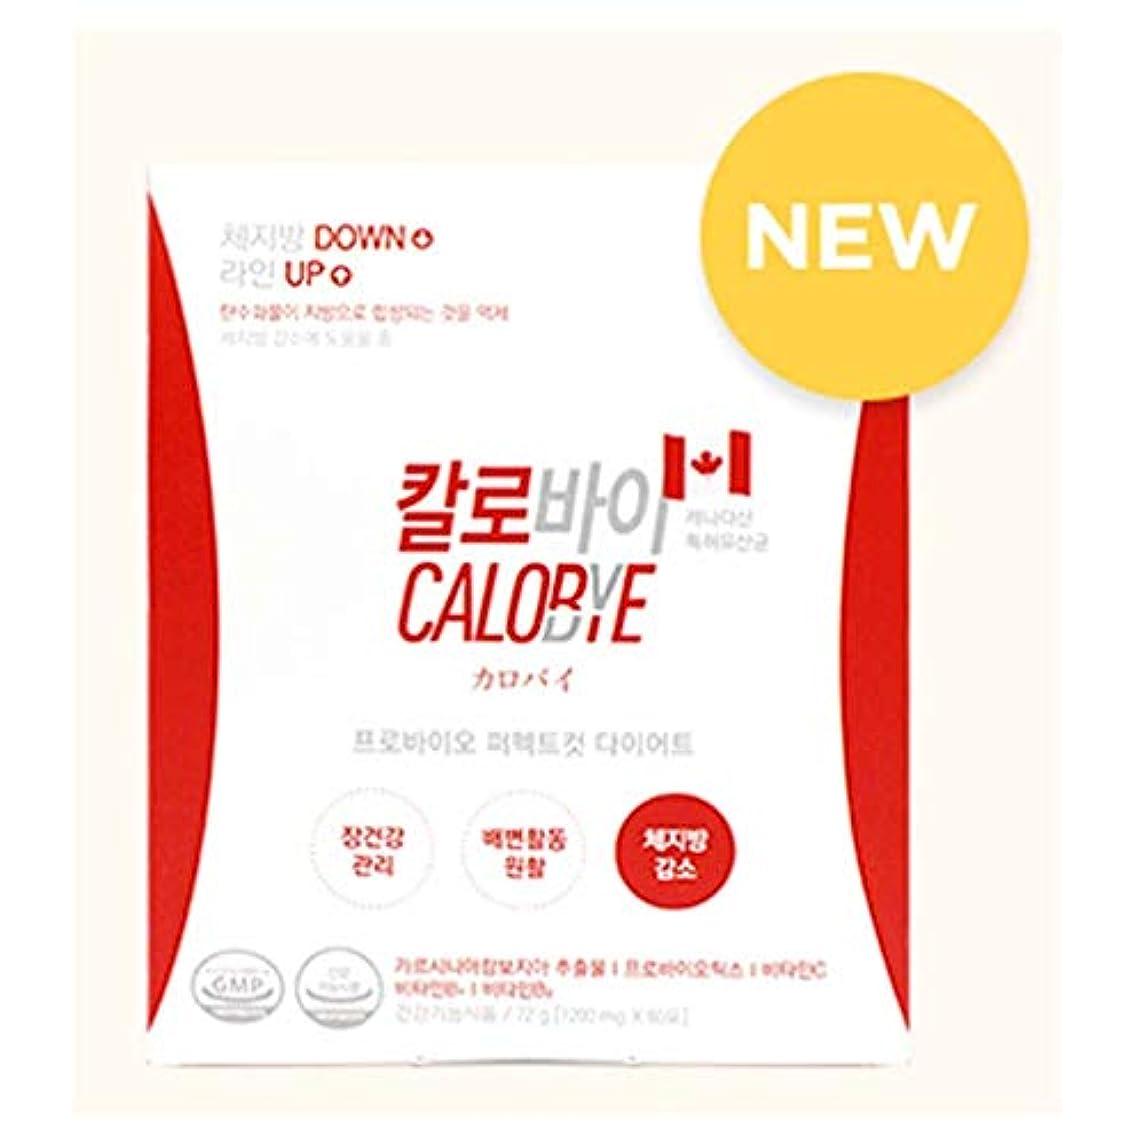 勧める味付け退屈New CALOBYE Premium: 減量食薬 Weight Loss Diet for 1month (60 Pouch=240pills/2times in a Day Before a Meal) Made in...